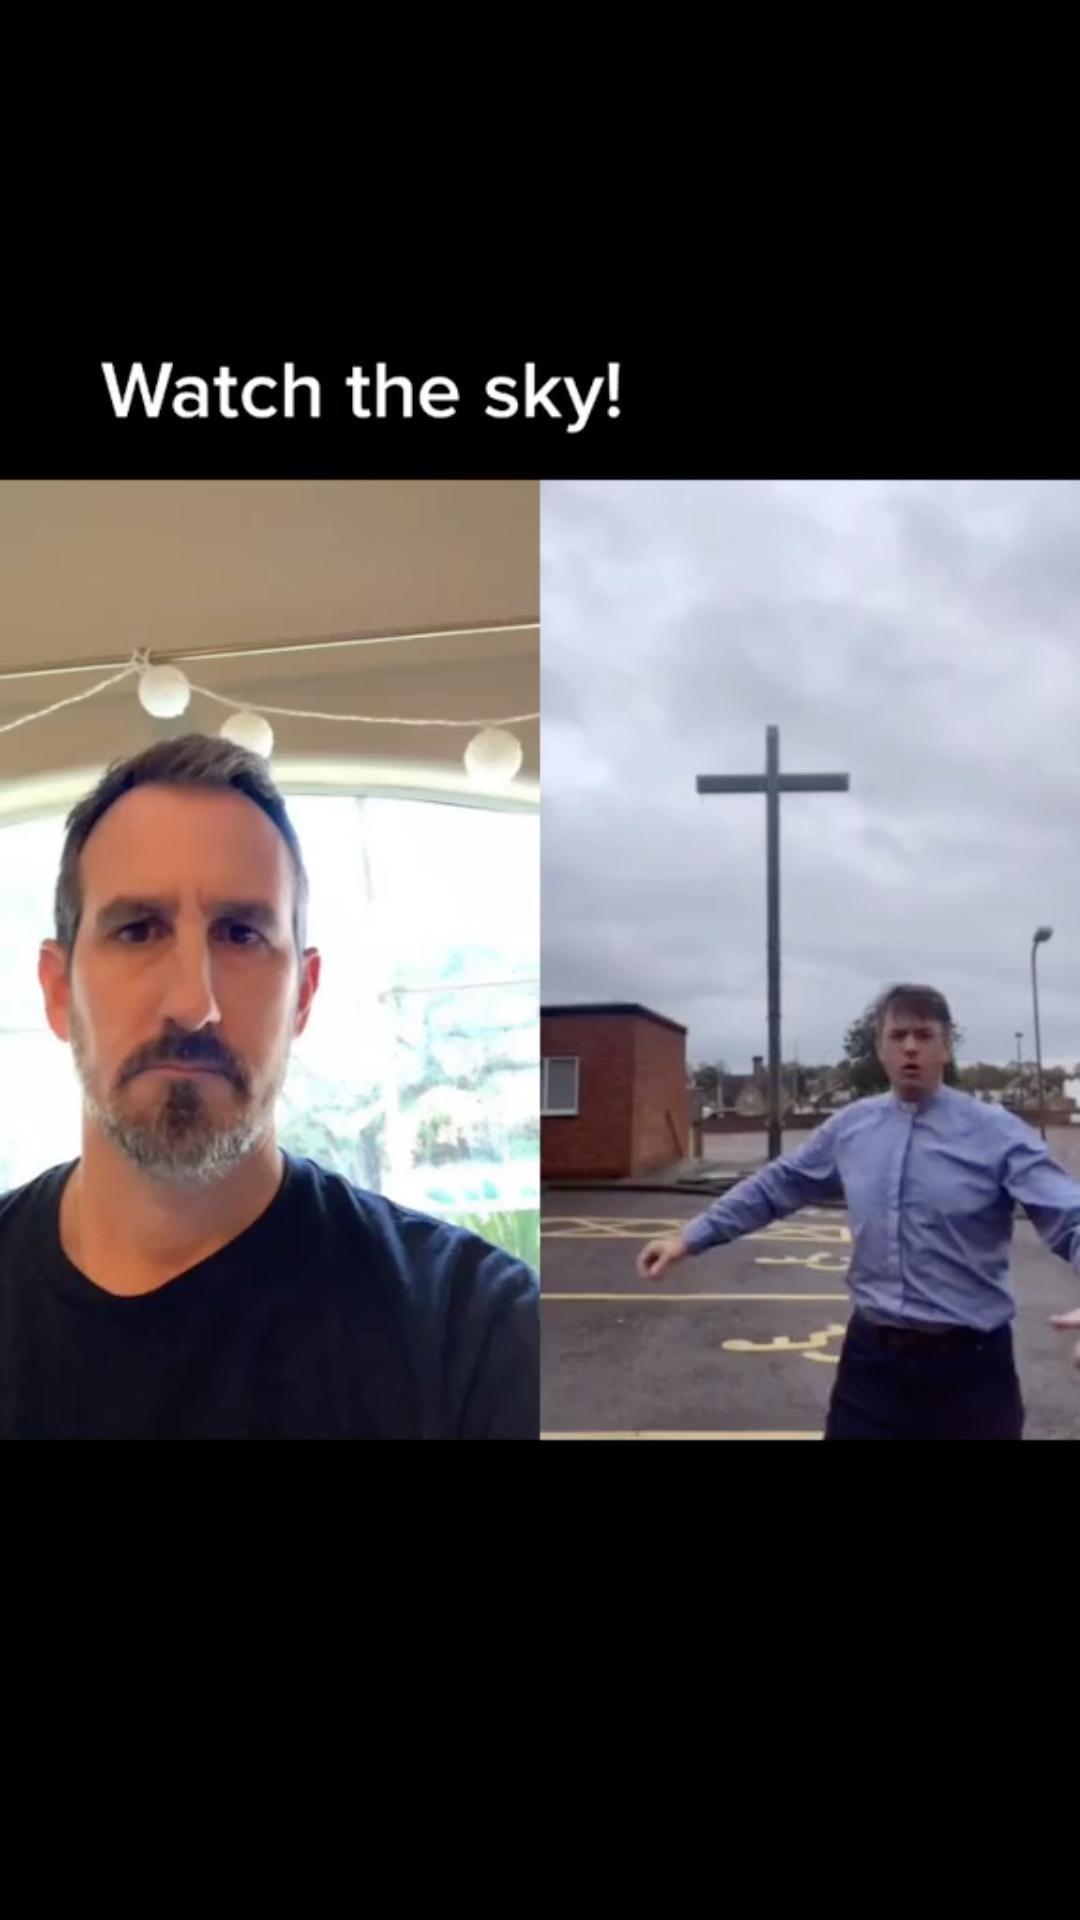 God makes an appearance!